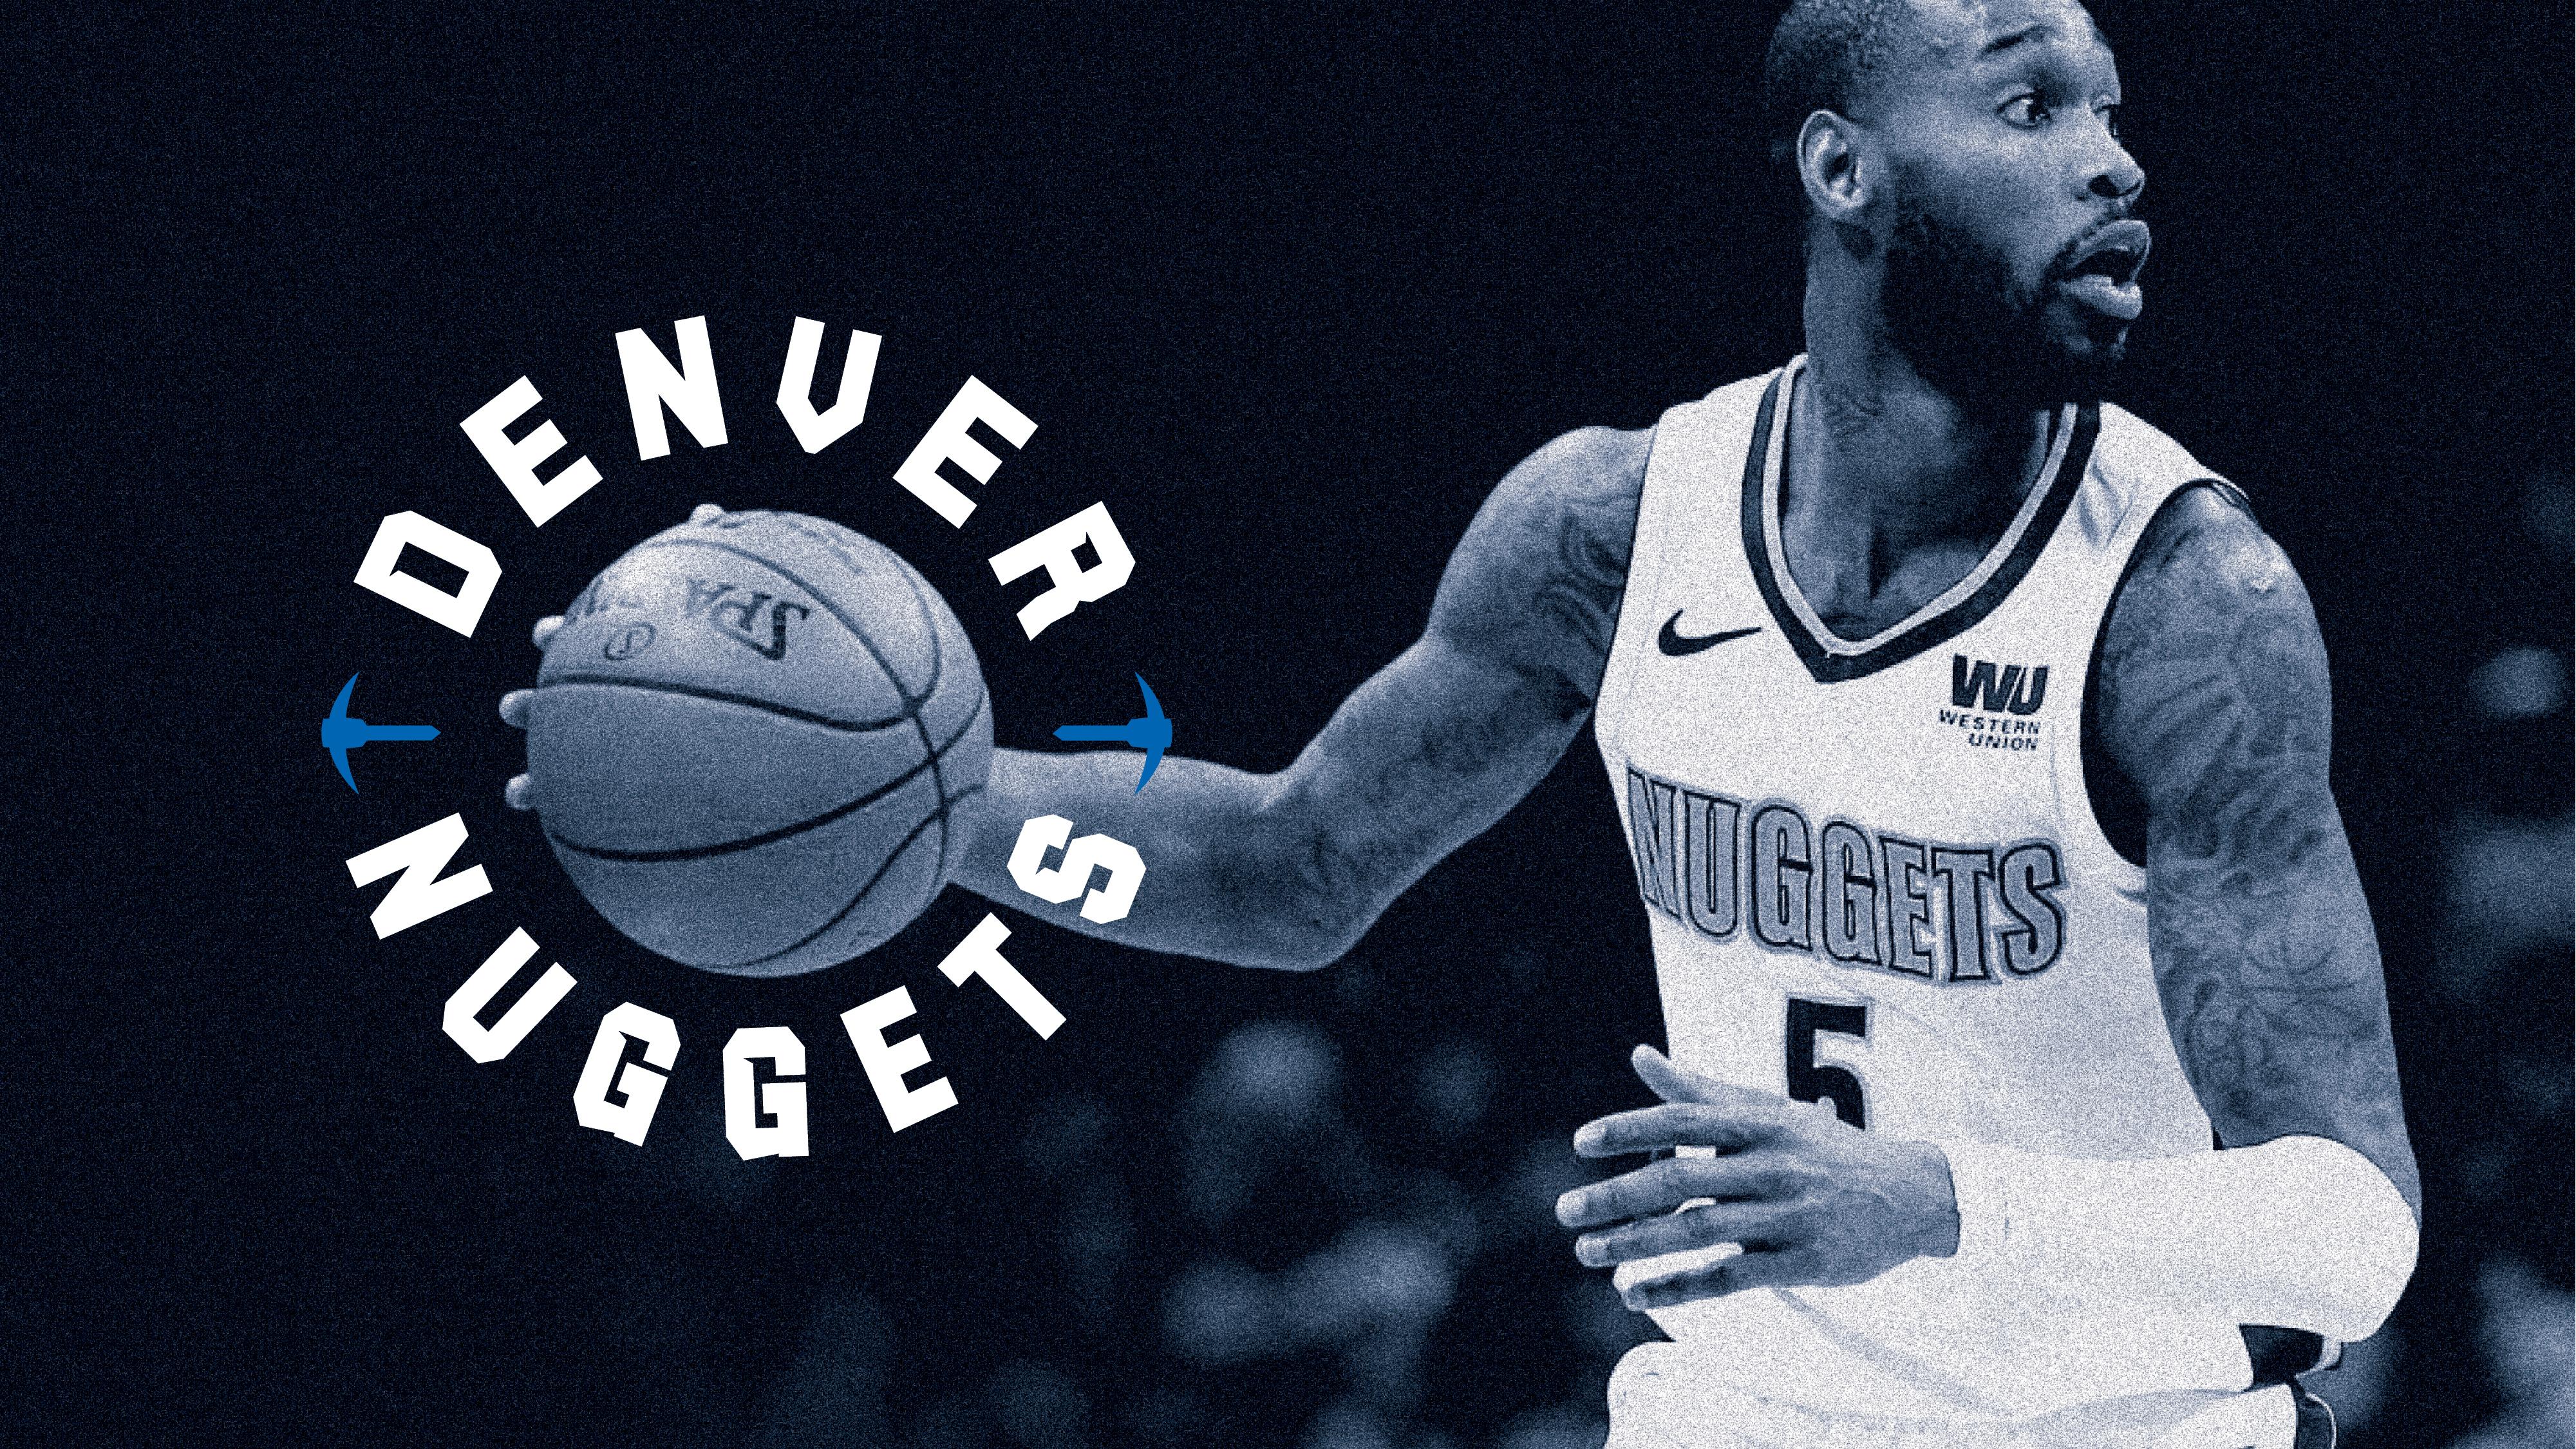 Denvernuggets designsystem7